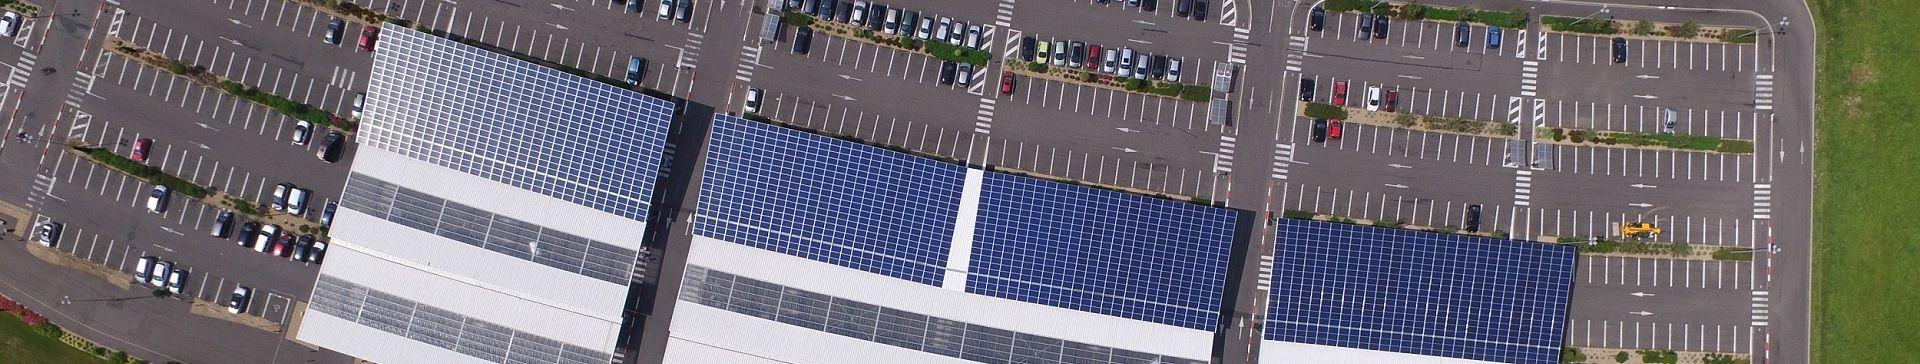 Le syndicat des professionnels de l'énergie solaire